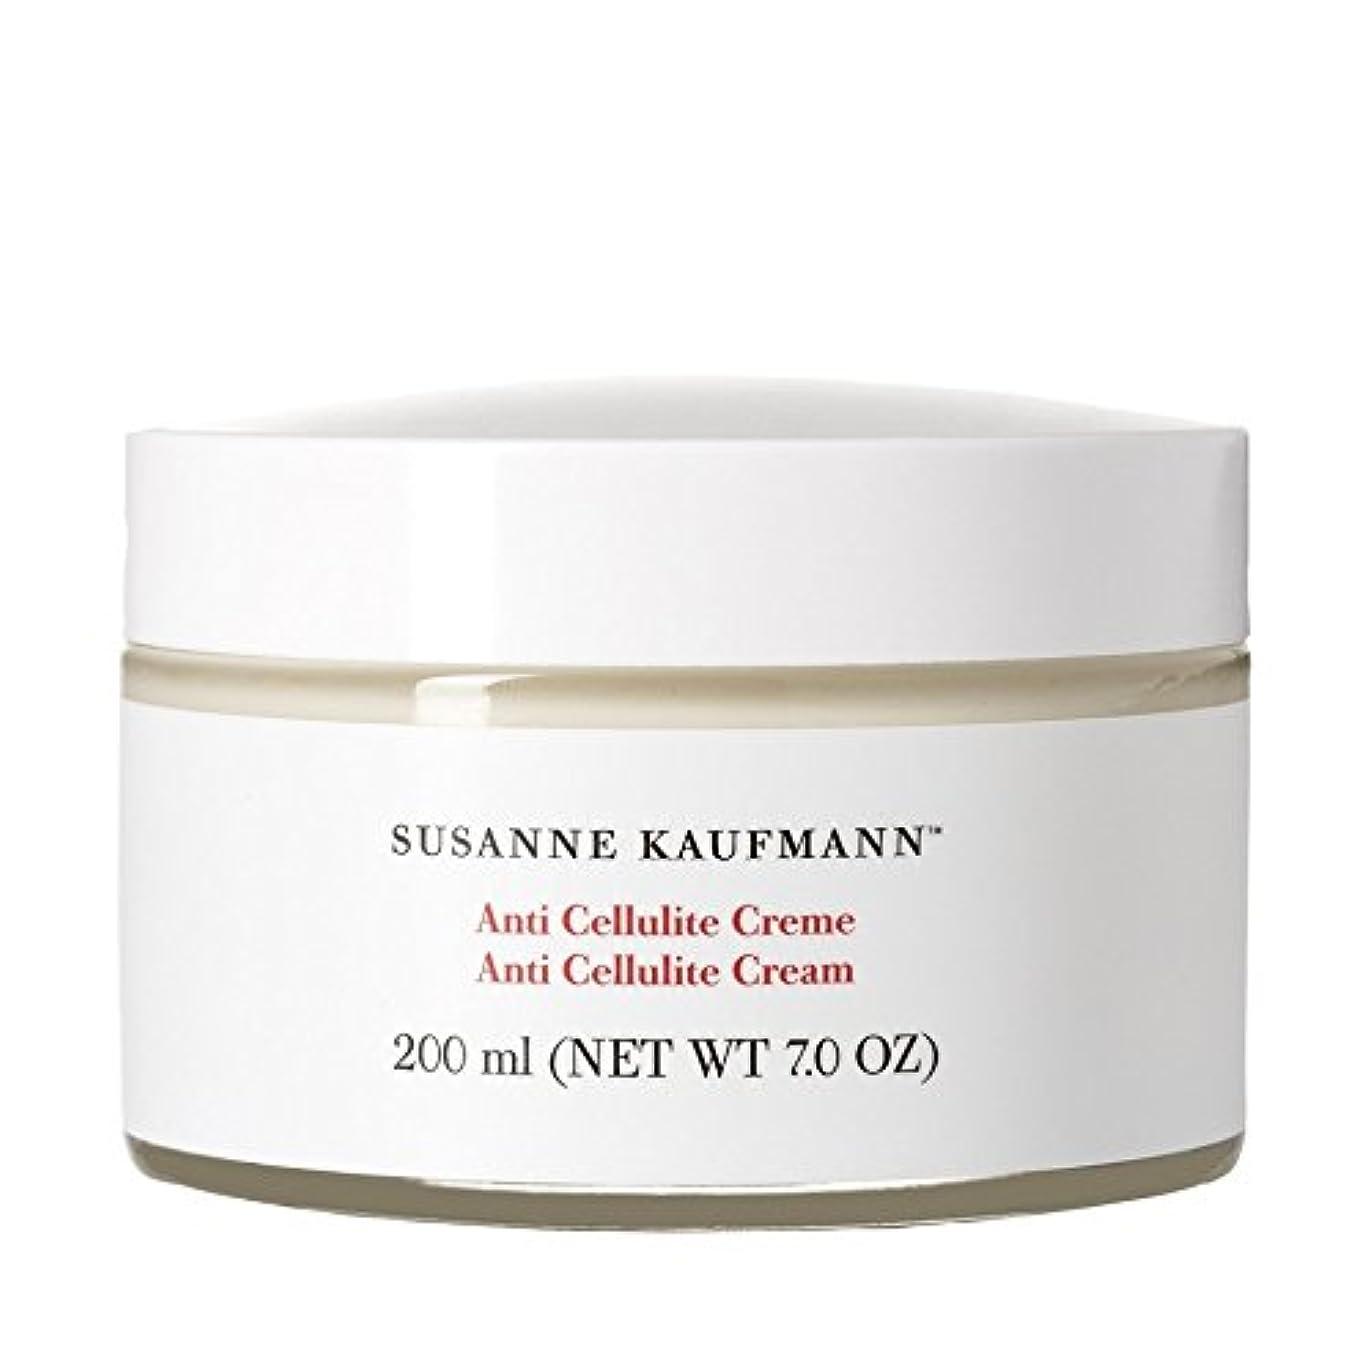 敬礼迫害逆説Susanne Kaufmann Anti Cellulite Cream 200ml - スザンヌカウフマン抗セルライトクリーム200ミリリットル [並行輸入品]